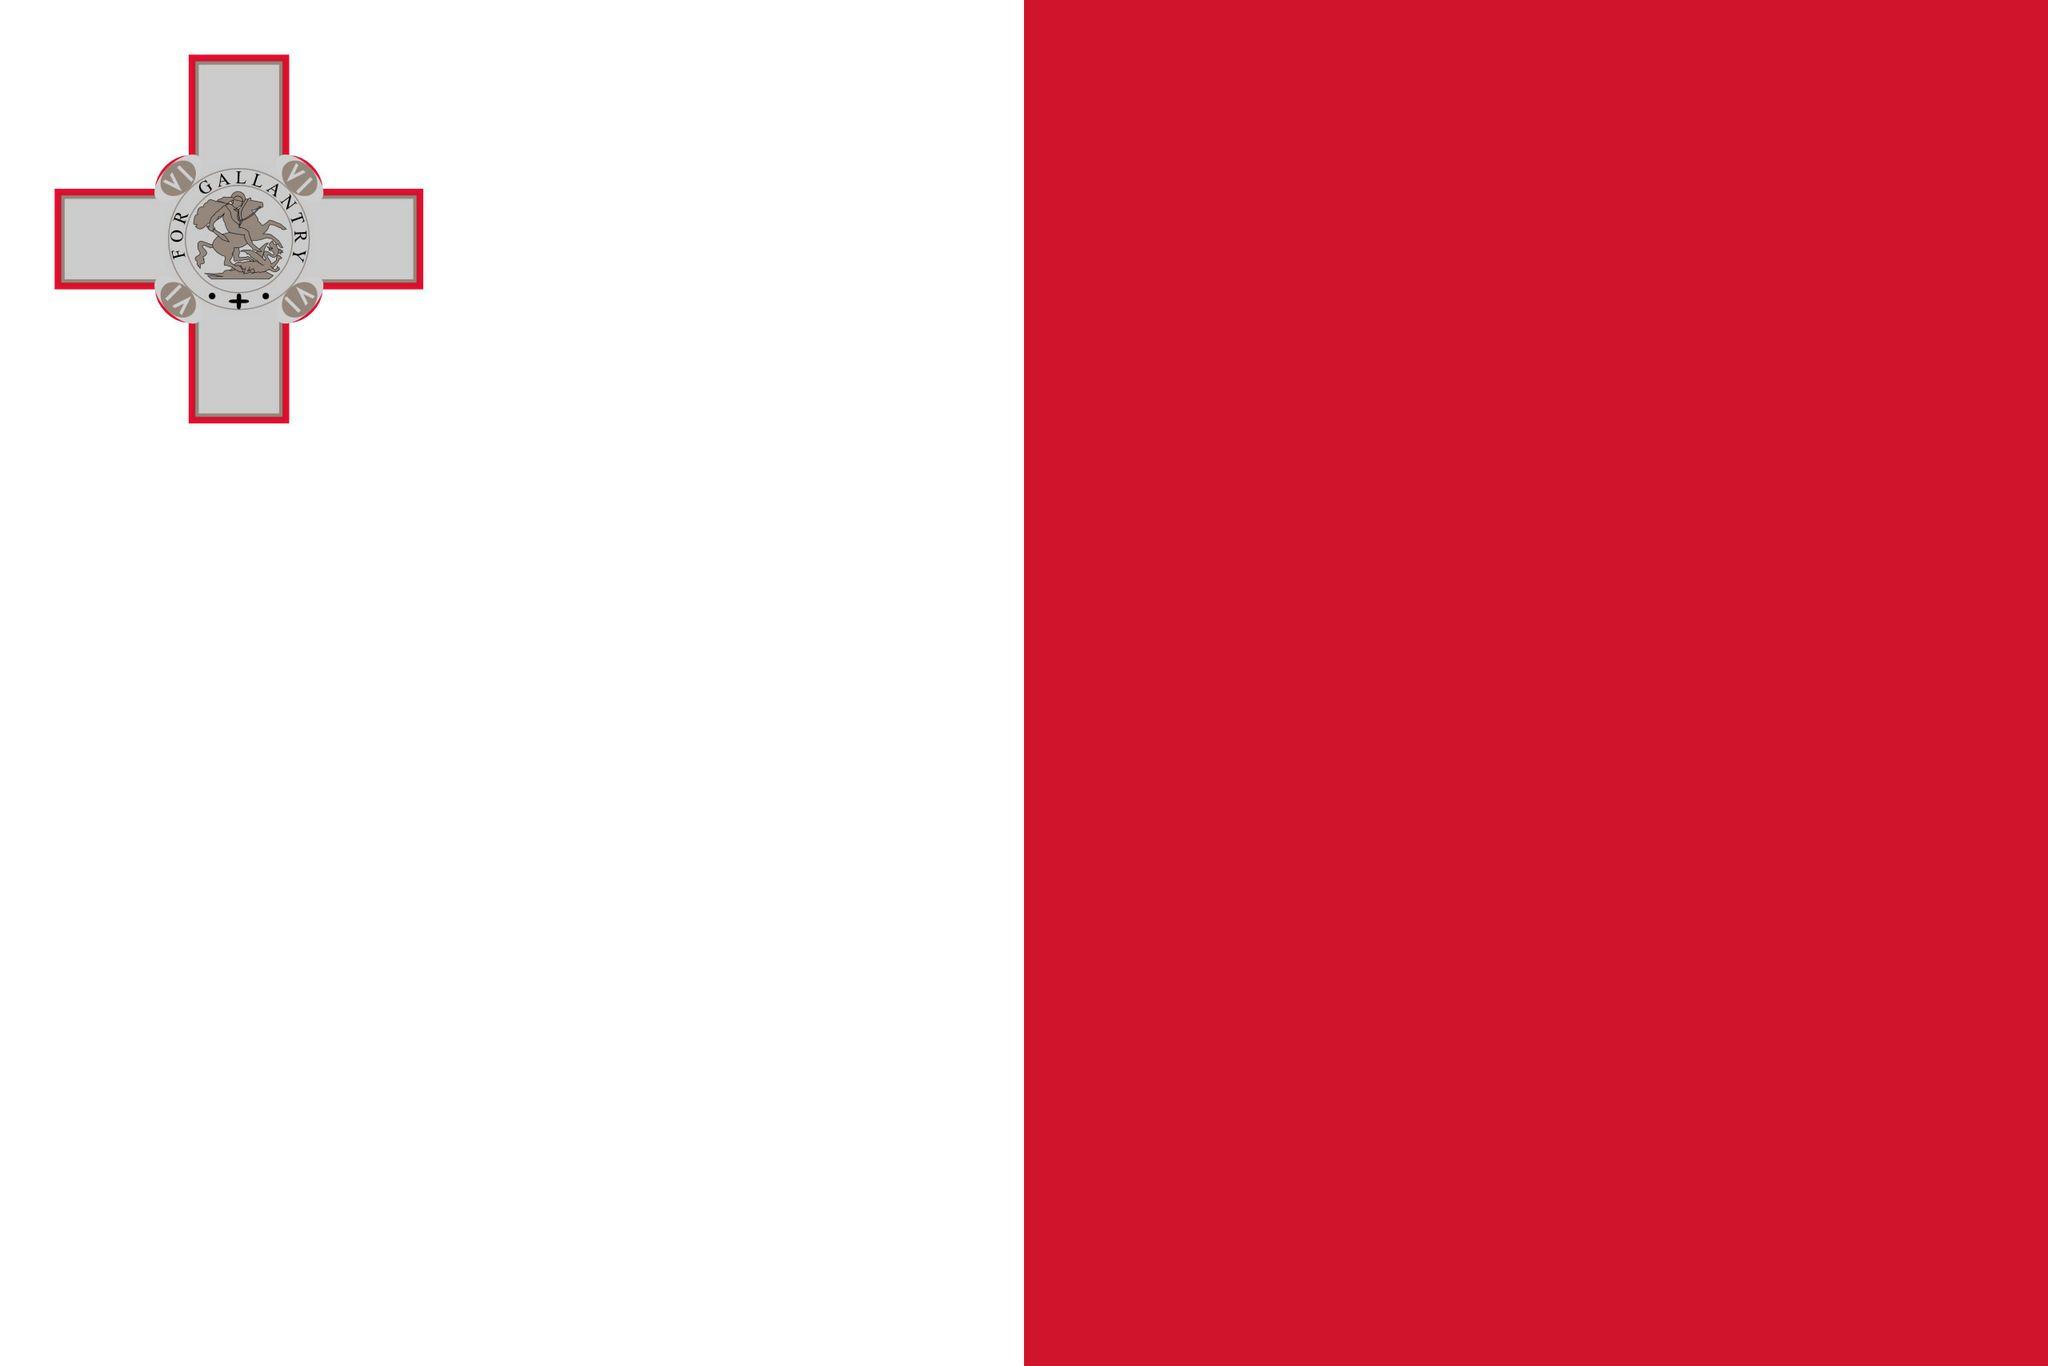 Super Drapeau de Malte, Drapeaux du pays Malte KB19